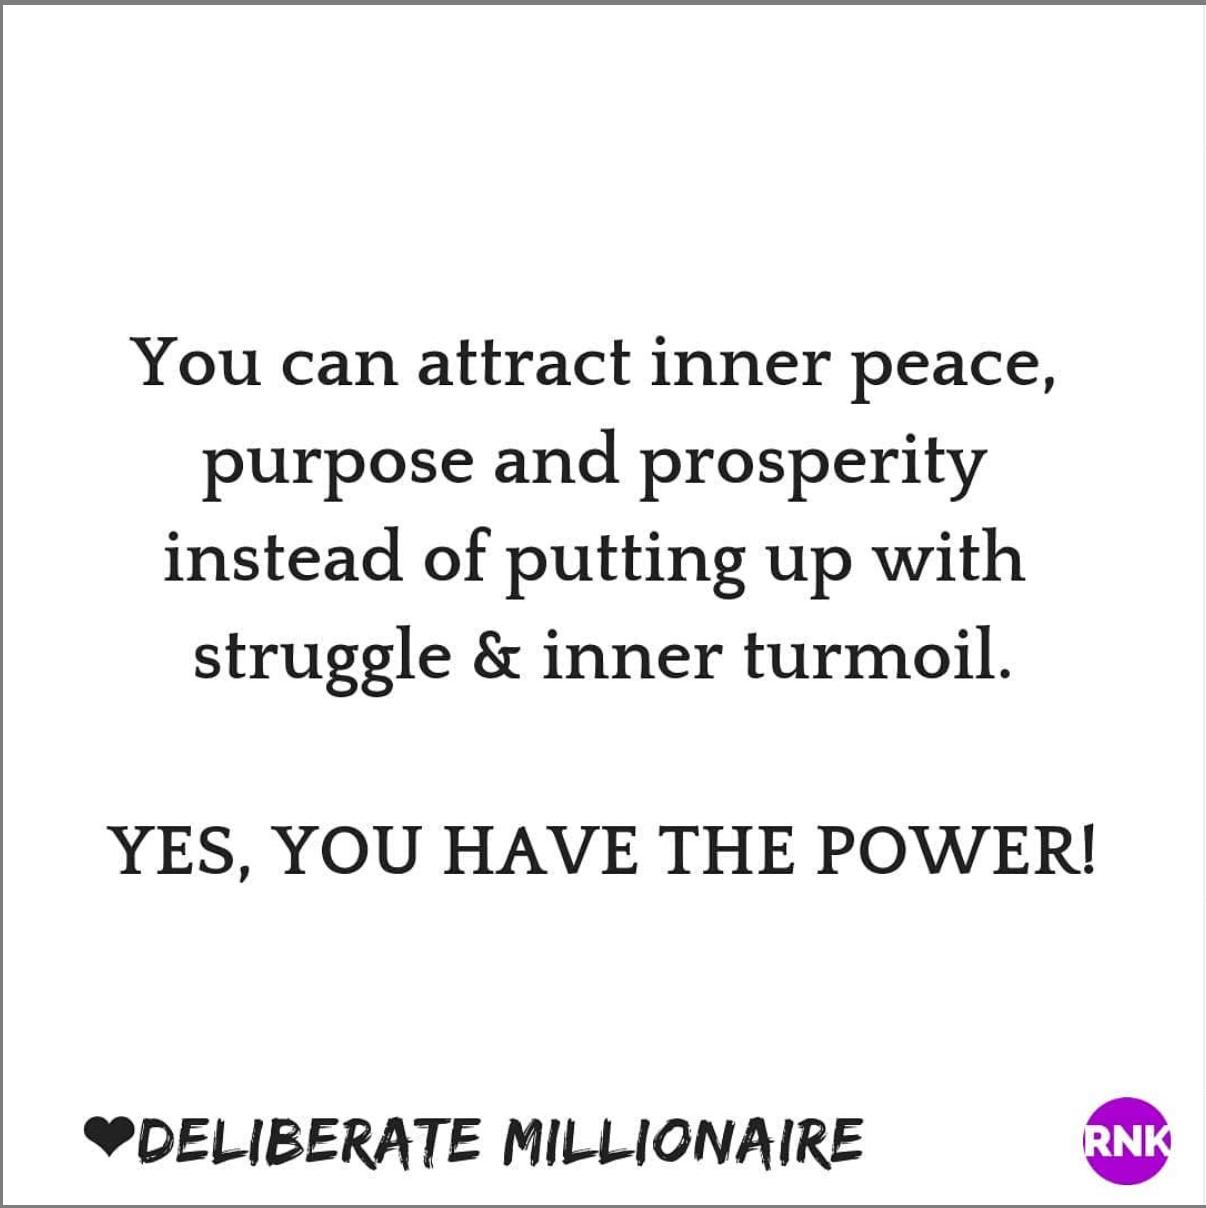 Why Do You Choose Struggle & Inner Turmoil Over Inner Peace, Purpose & Prosperity?